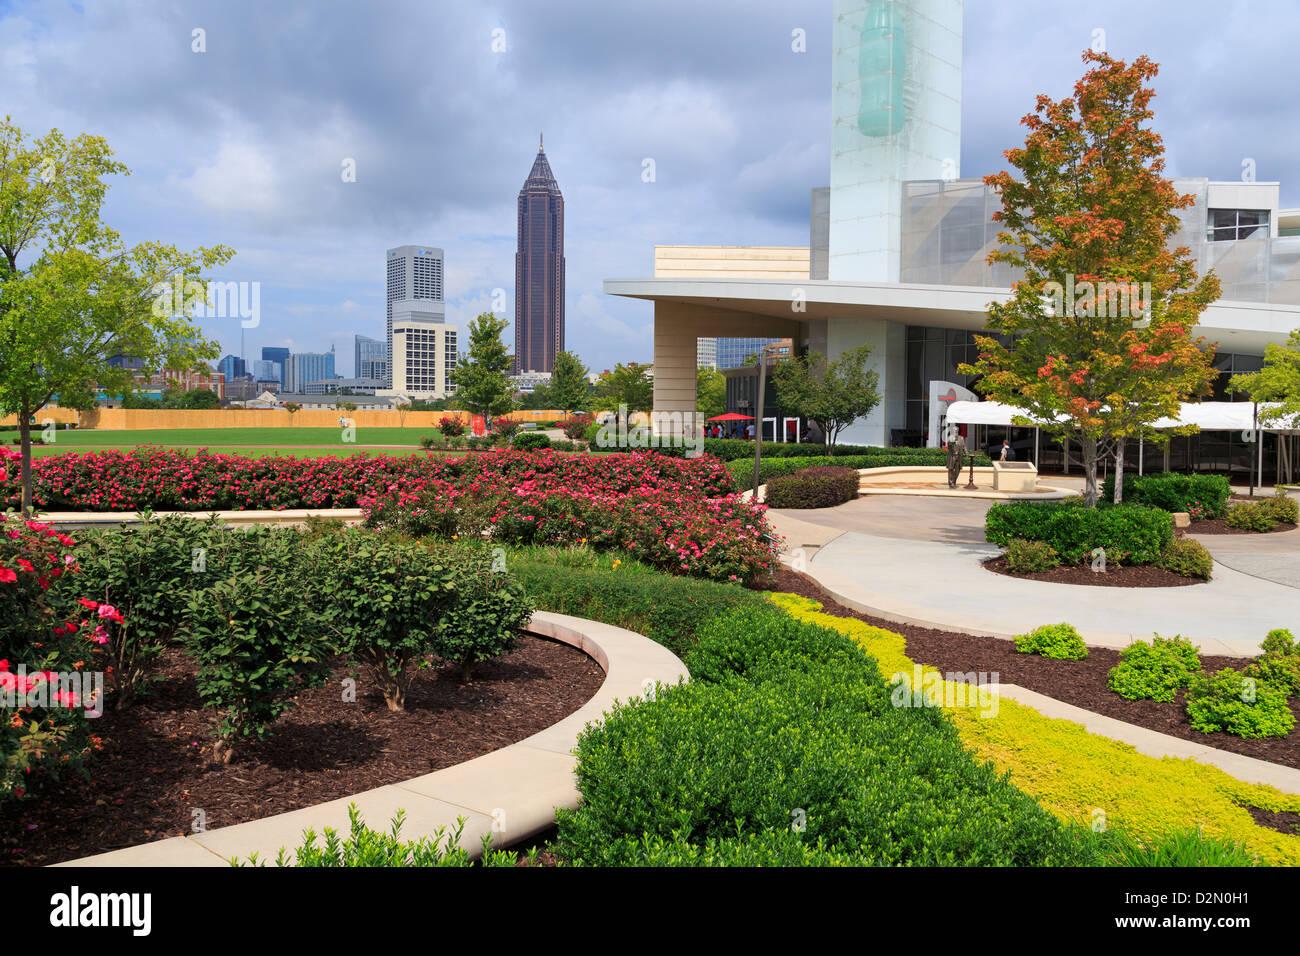 World of Coca Cola à Pemberton Park, Atlanta, Géorgie, États-Unis d'Amérique, Amérique Photo Stock